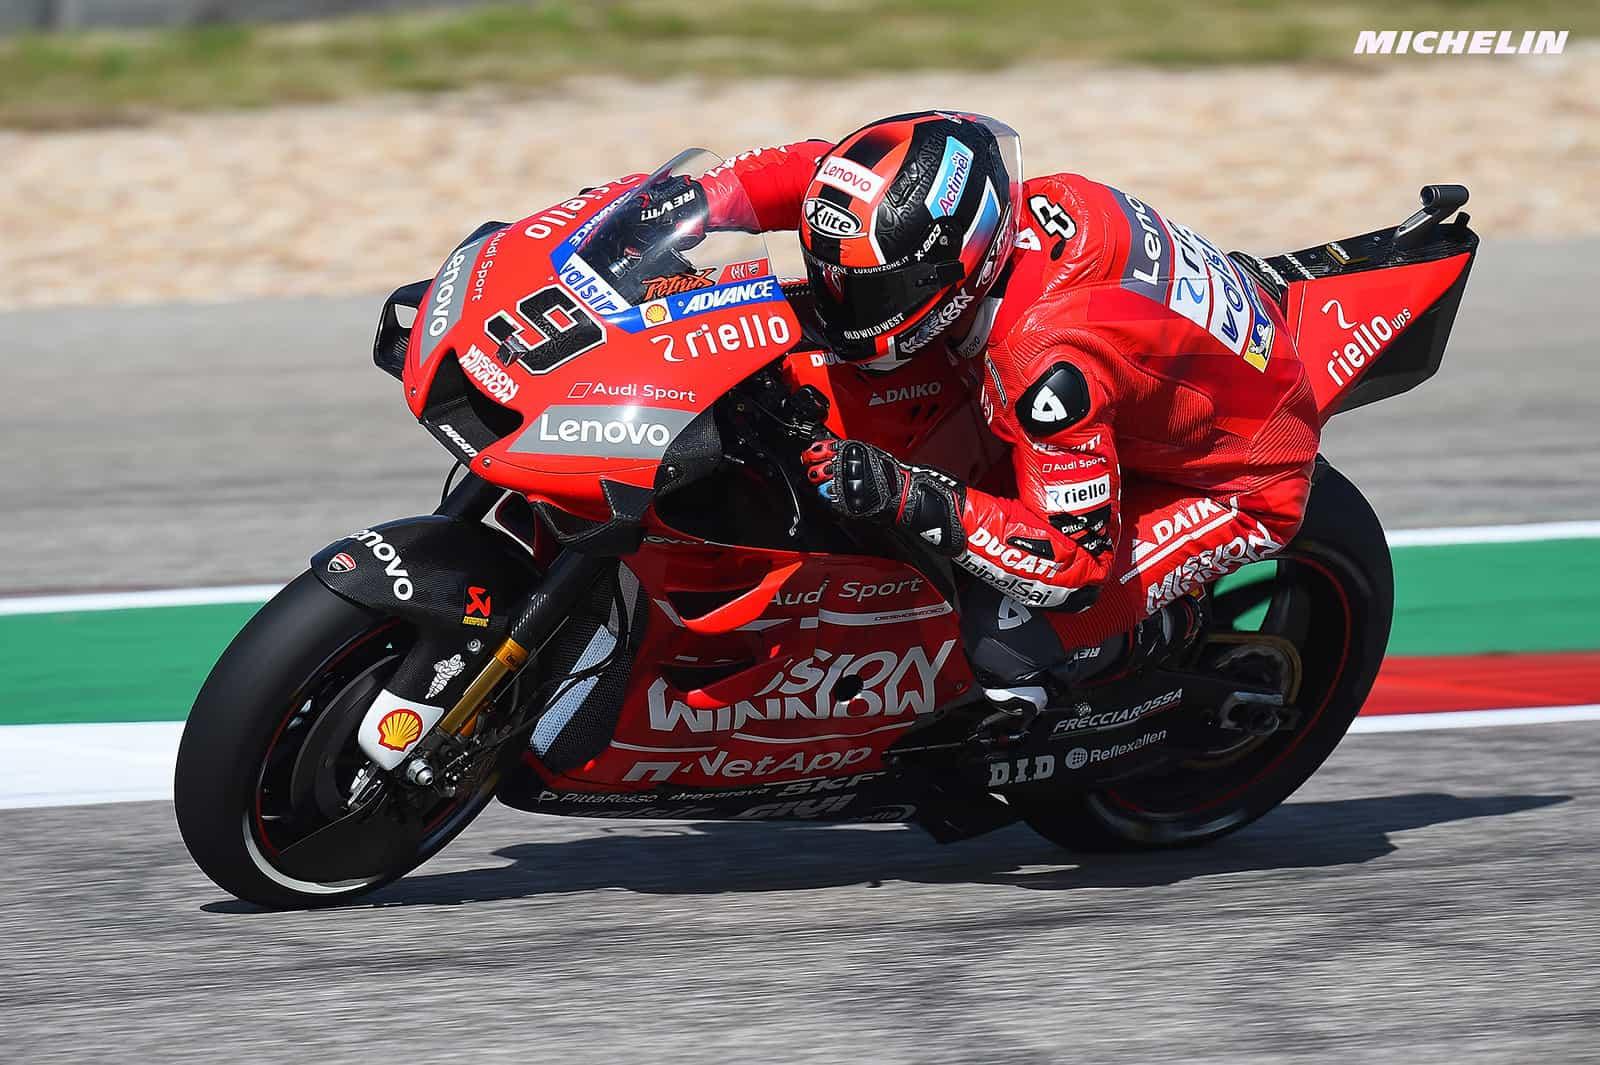 MotoGP2019ヘレスGP ペトルッチ「ヘレスはライディングスタイルに合っている」